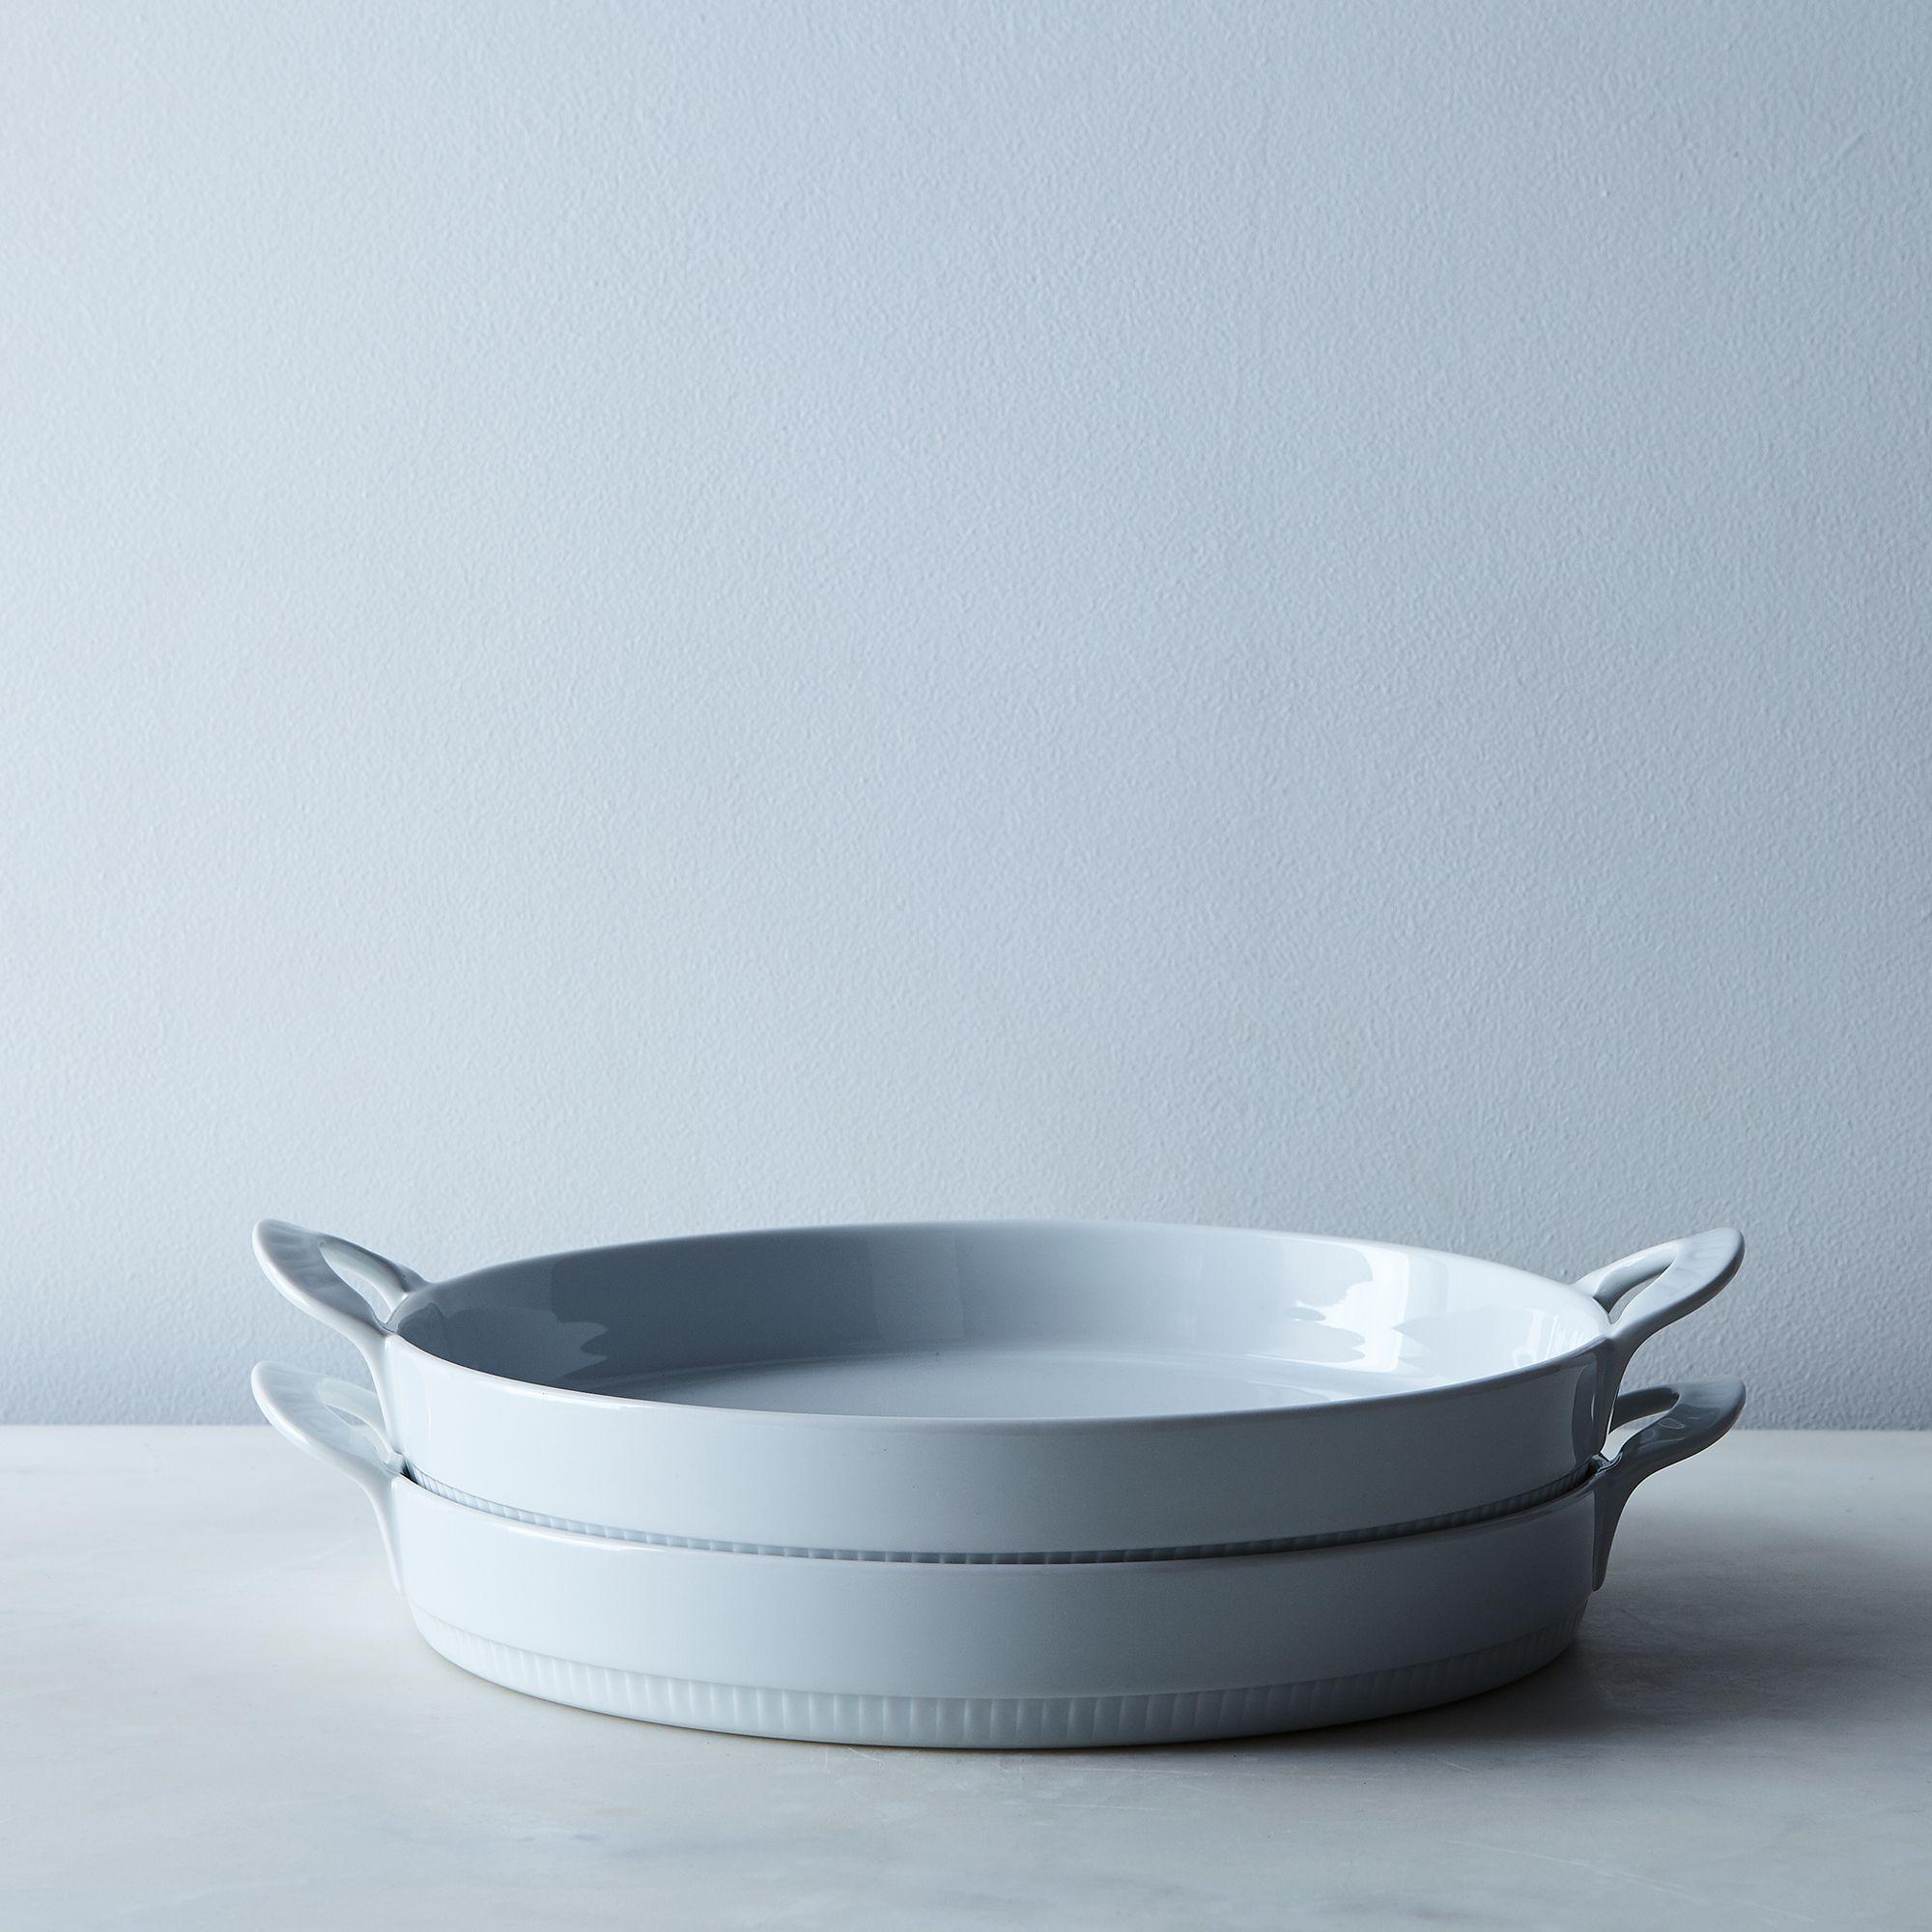 D89284d9 2d27 4ca4 a39a 7fadd0a3998e  2017 0315 pillivuyt toulouse tart dish 10.5 inch set of 2 silo rocky luten 012